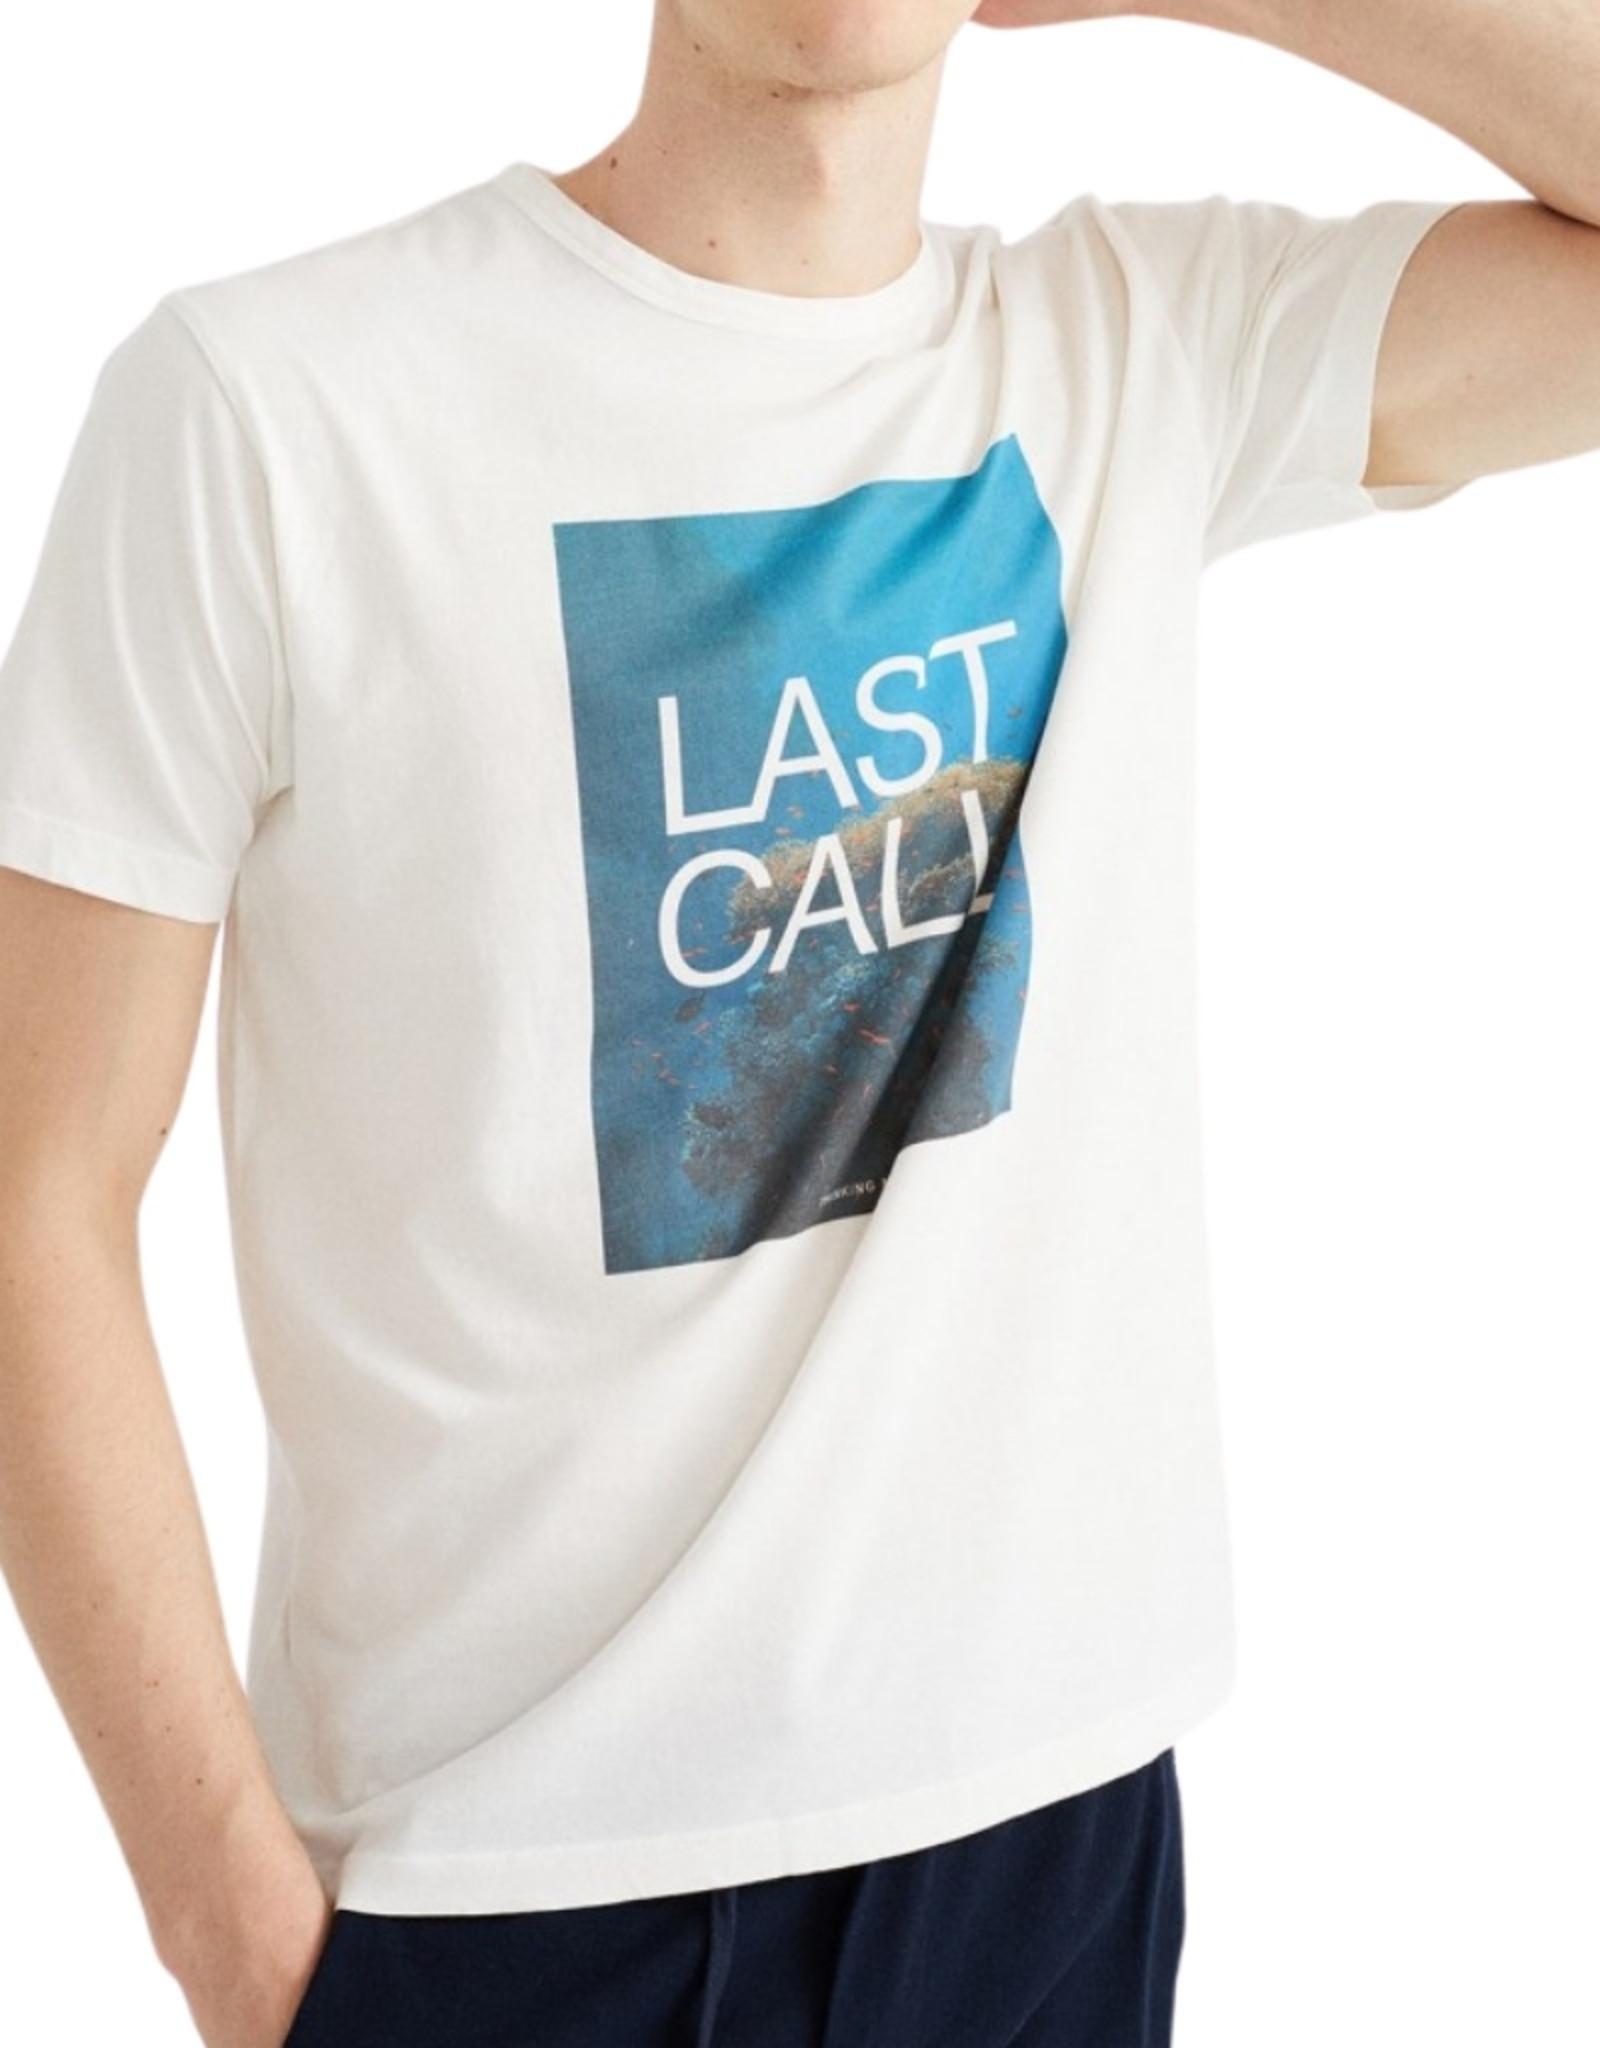 LAST CALL TEE